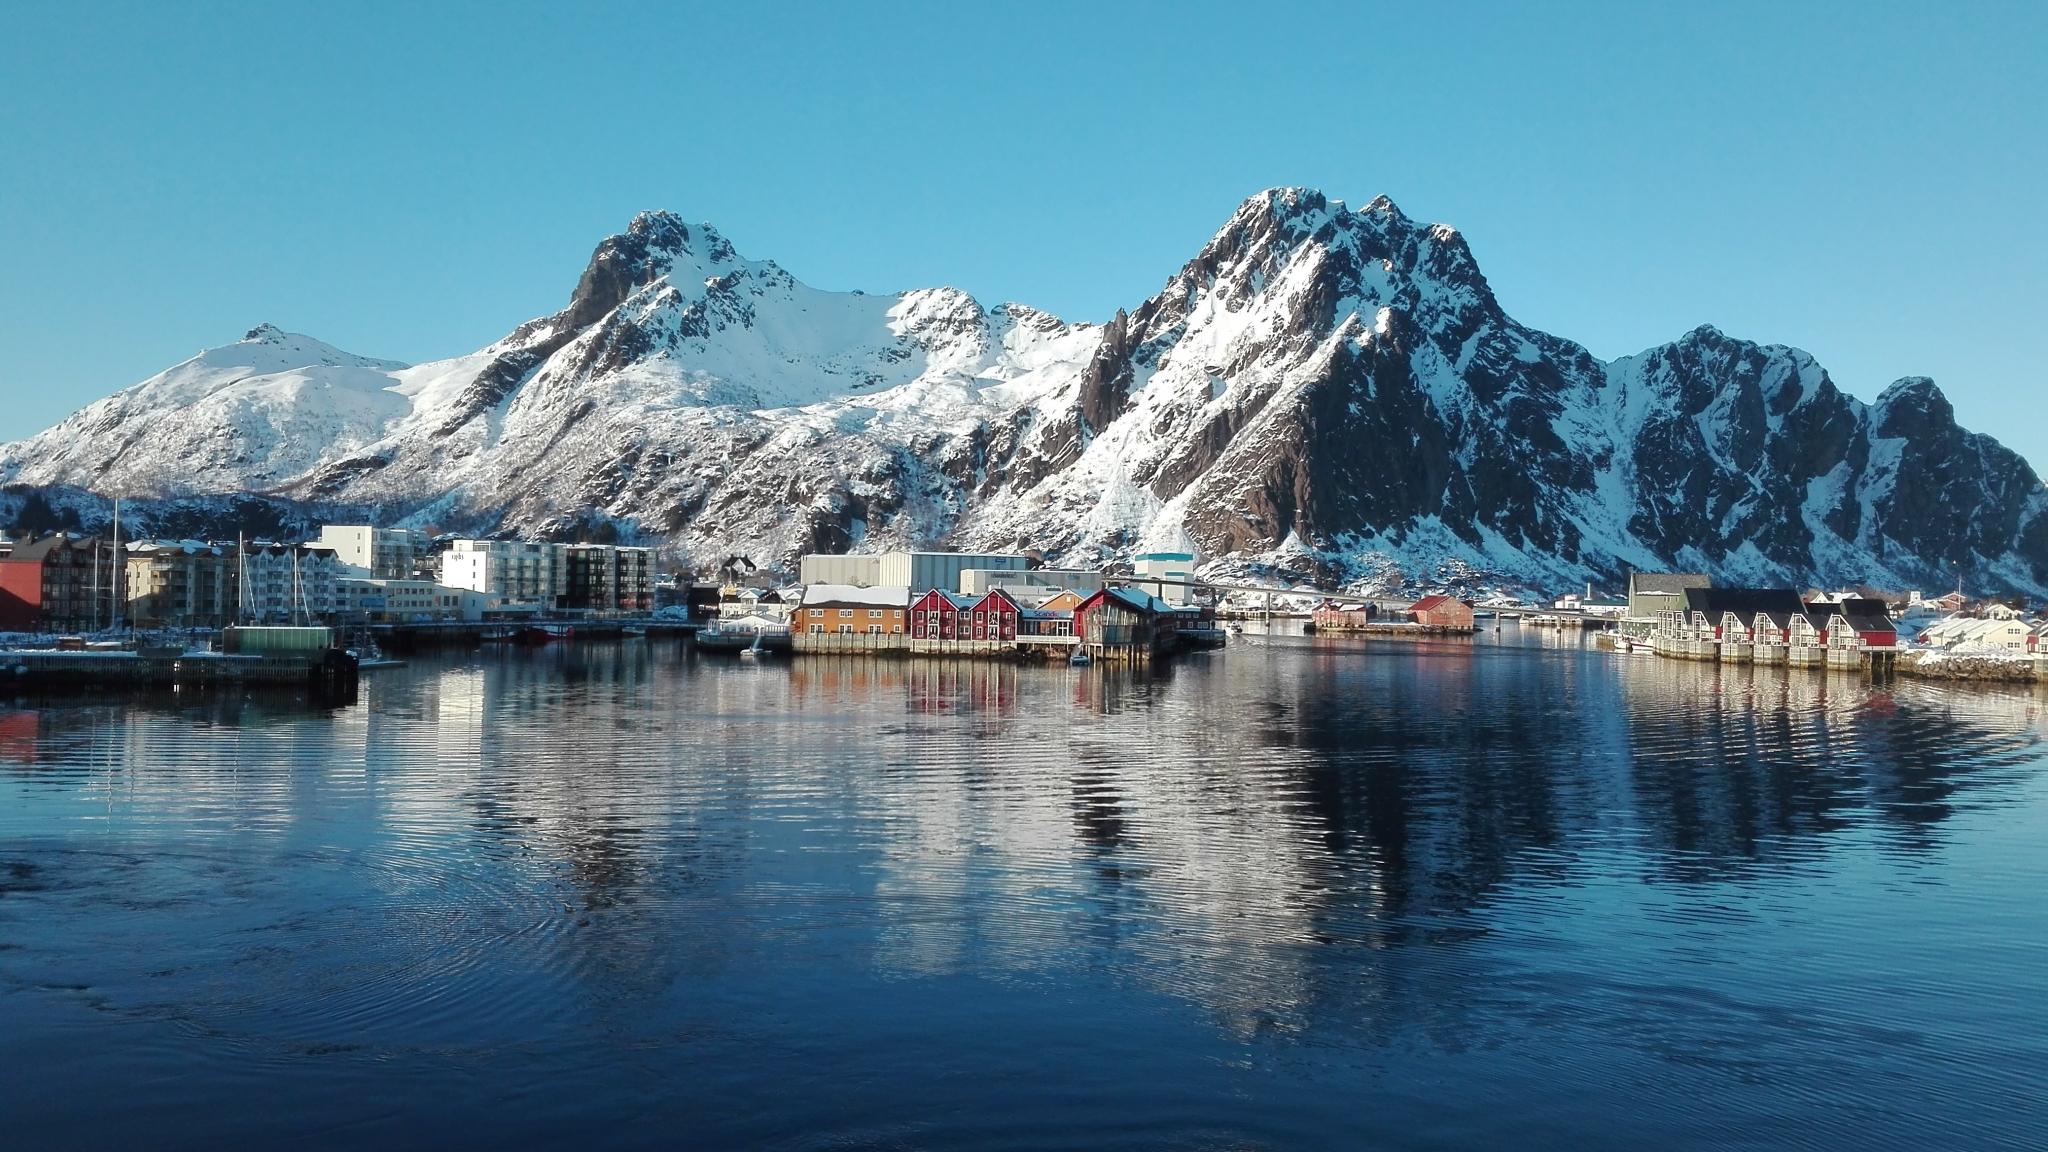 Download 2048x1152 Wallpaper Fjord Norway Lake Mountains